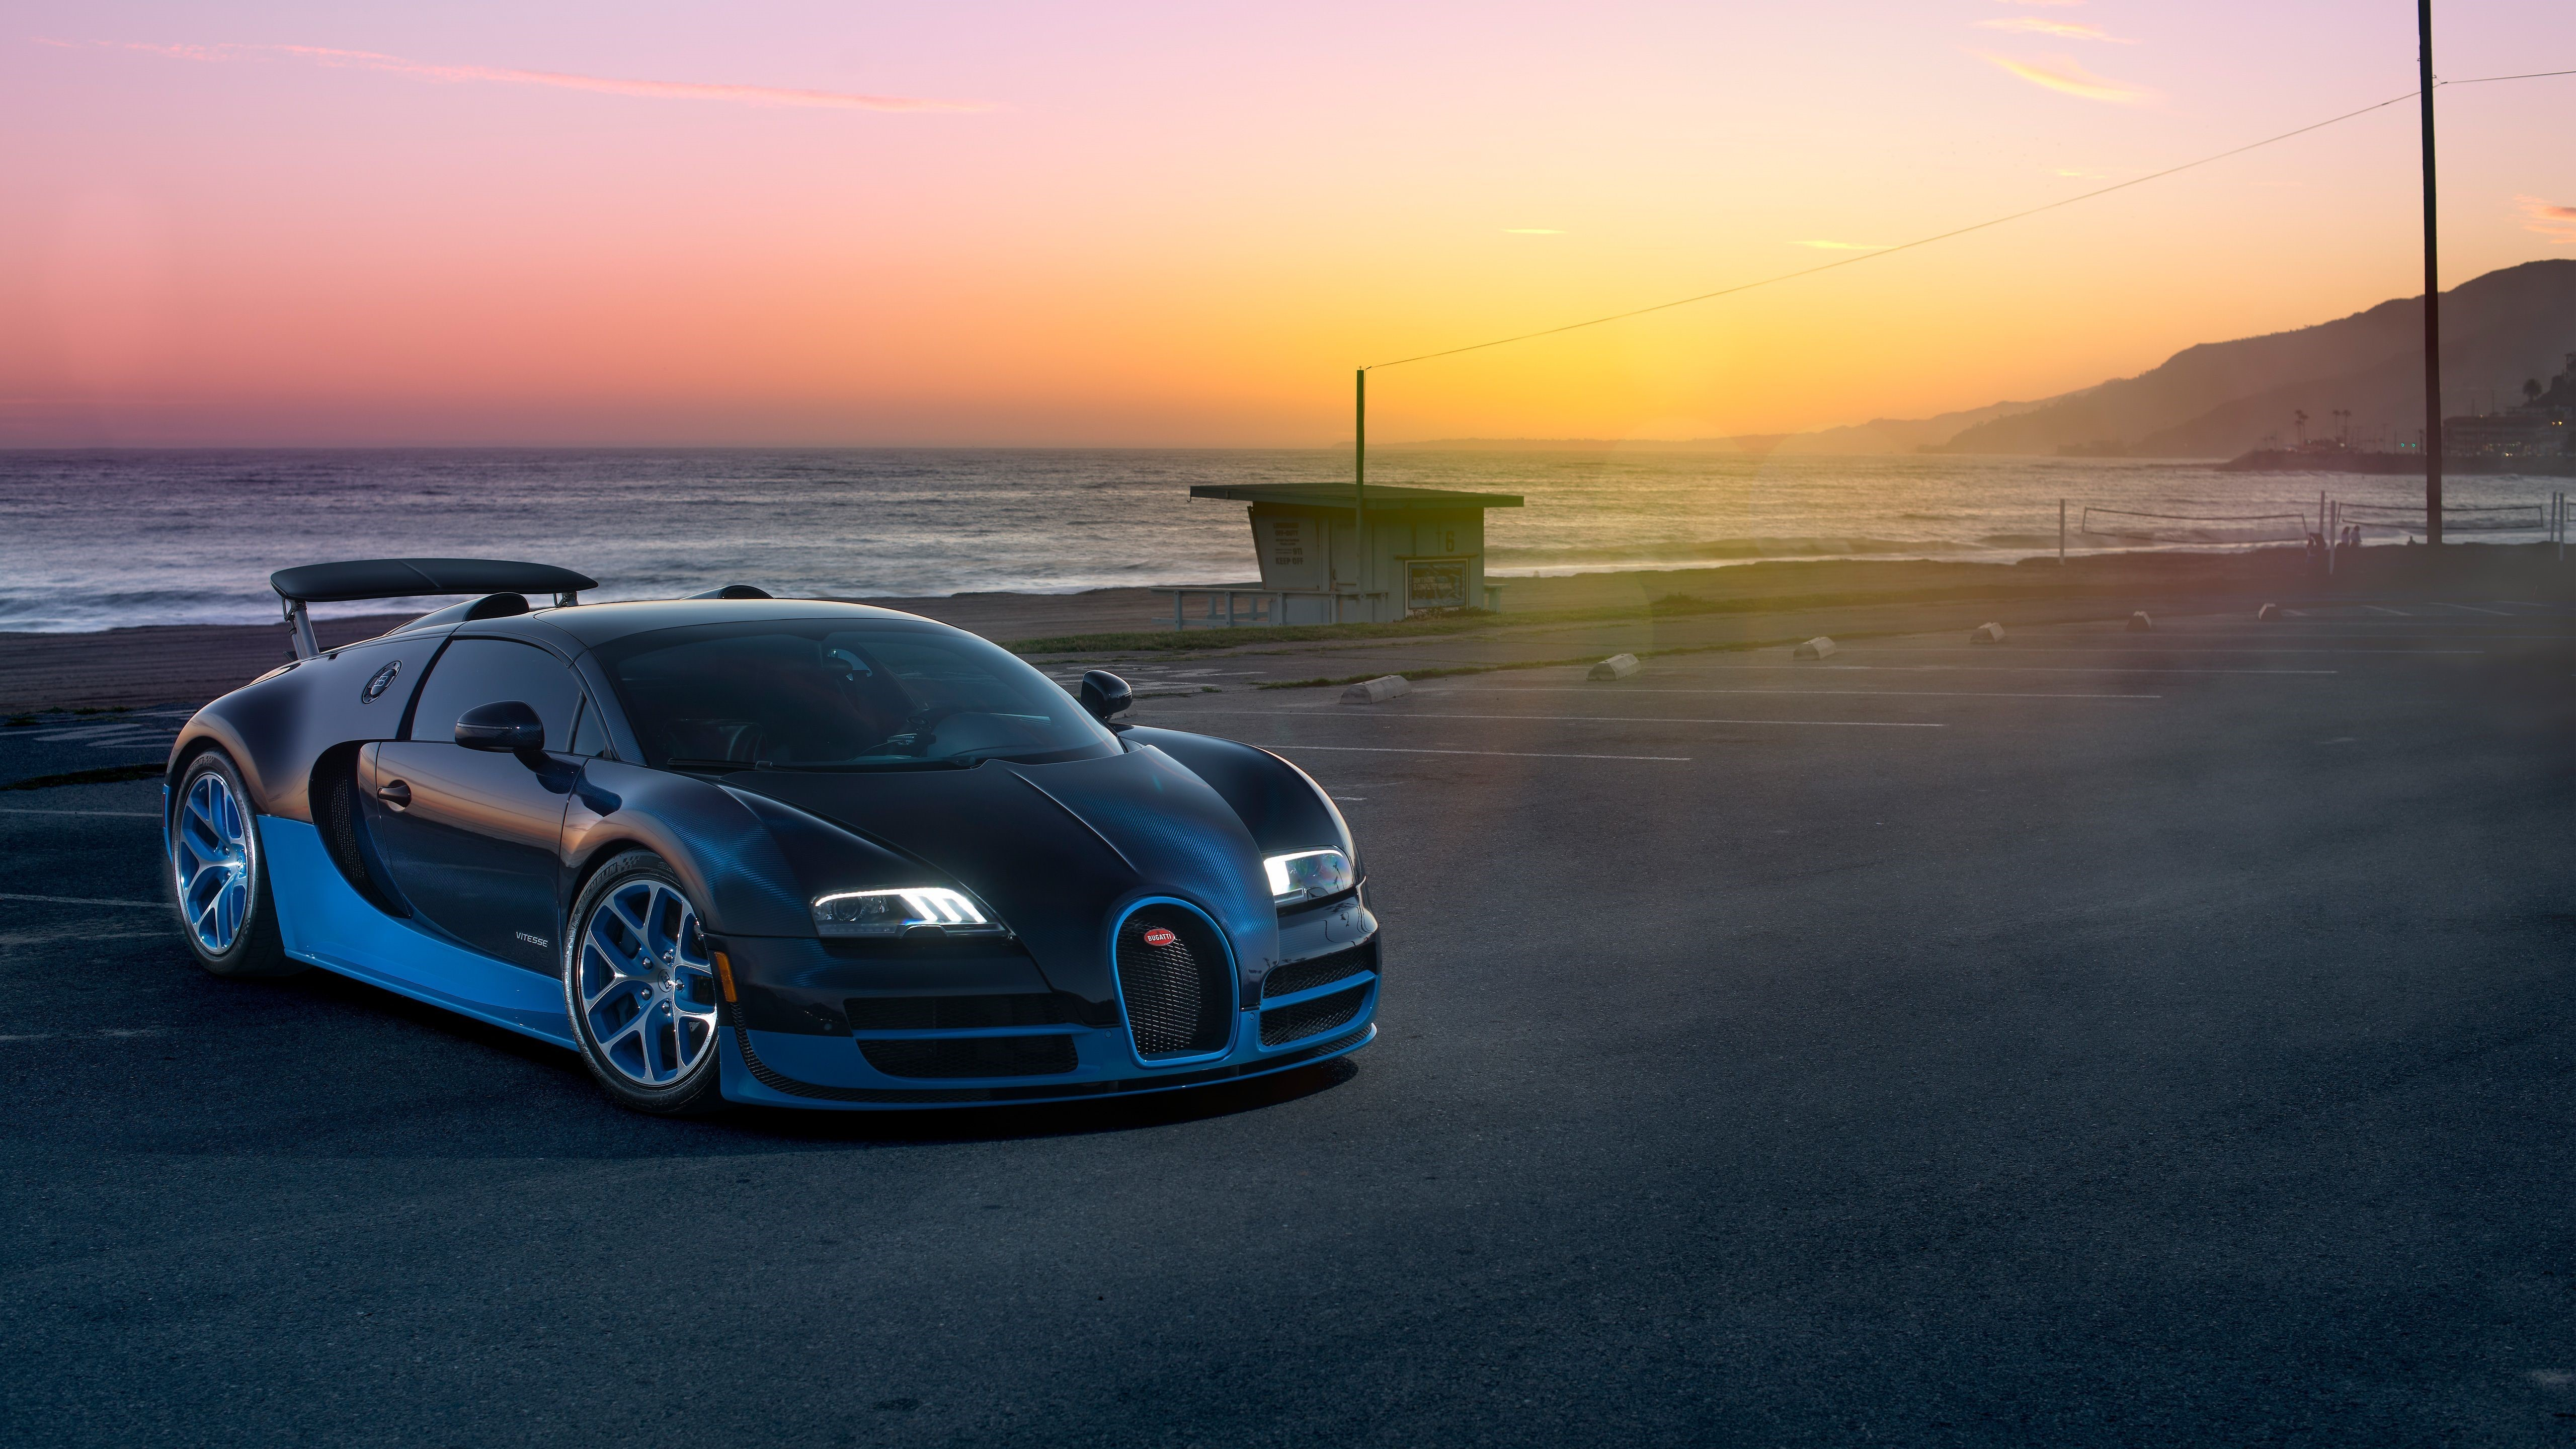 Bugatti 1080p Wallpapers